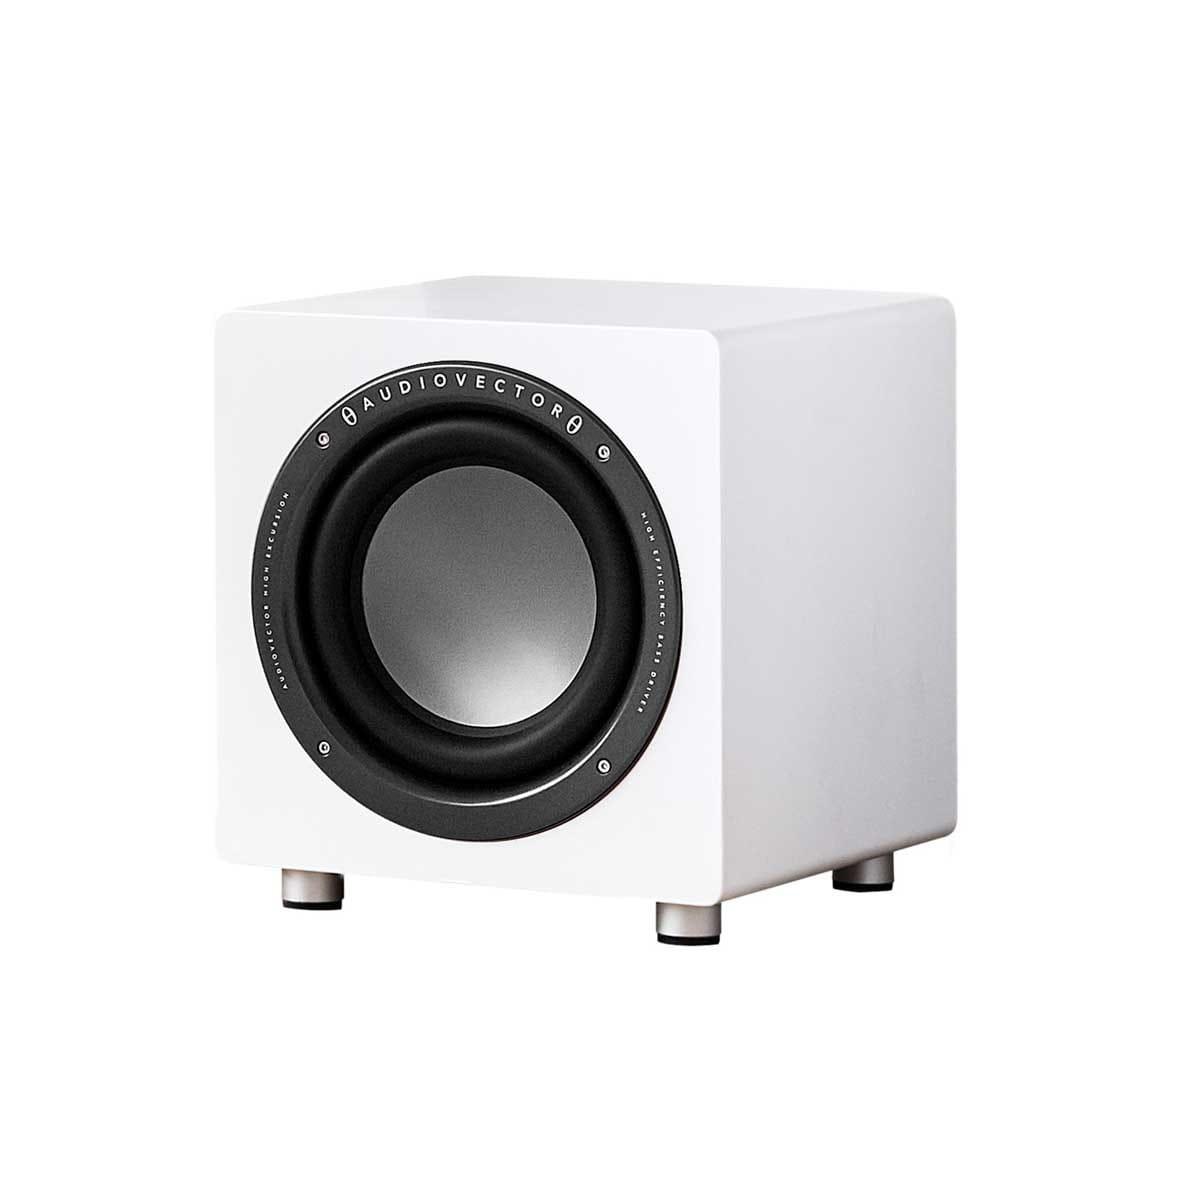 neue qr serie heimkino lautsprecher von audiovector. Black Bedroom Furniture Sets. Home Design Ideas